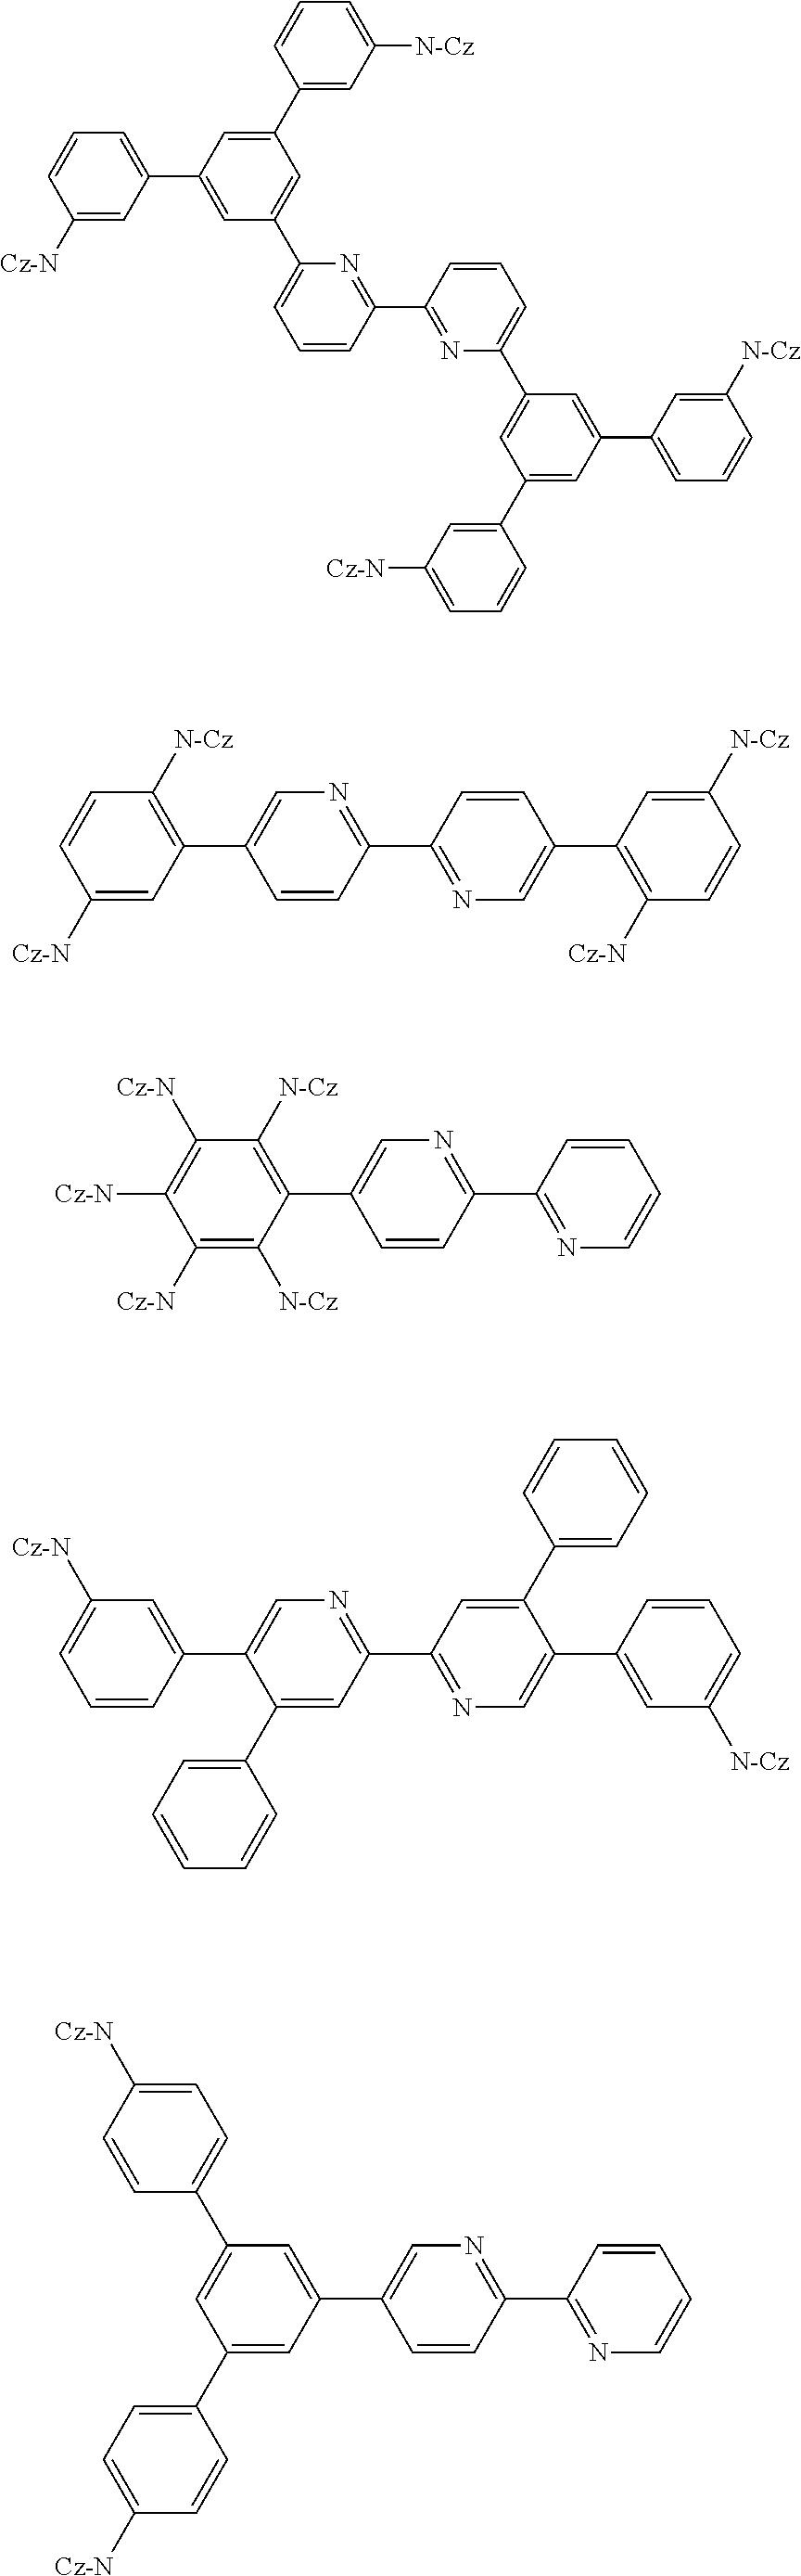 Figure US20110215312A1-20110908-C00067